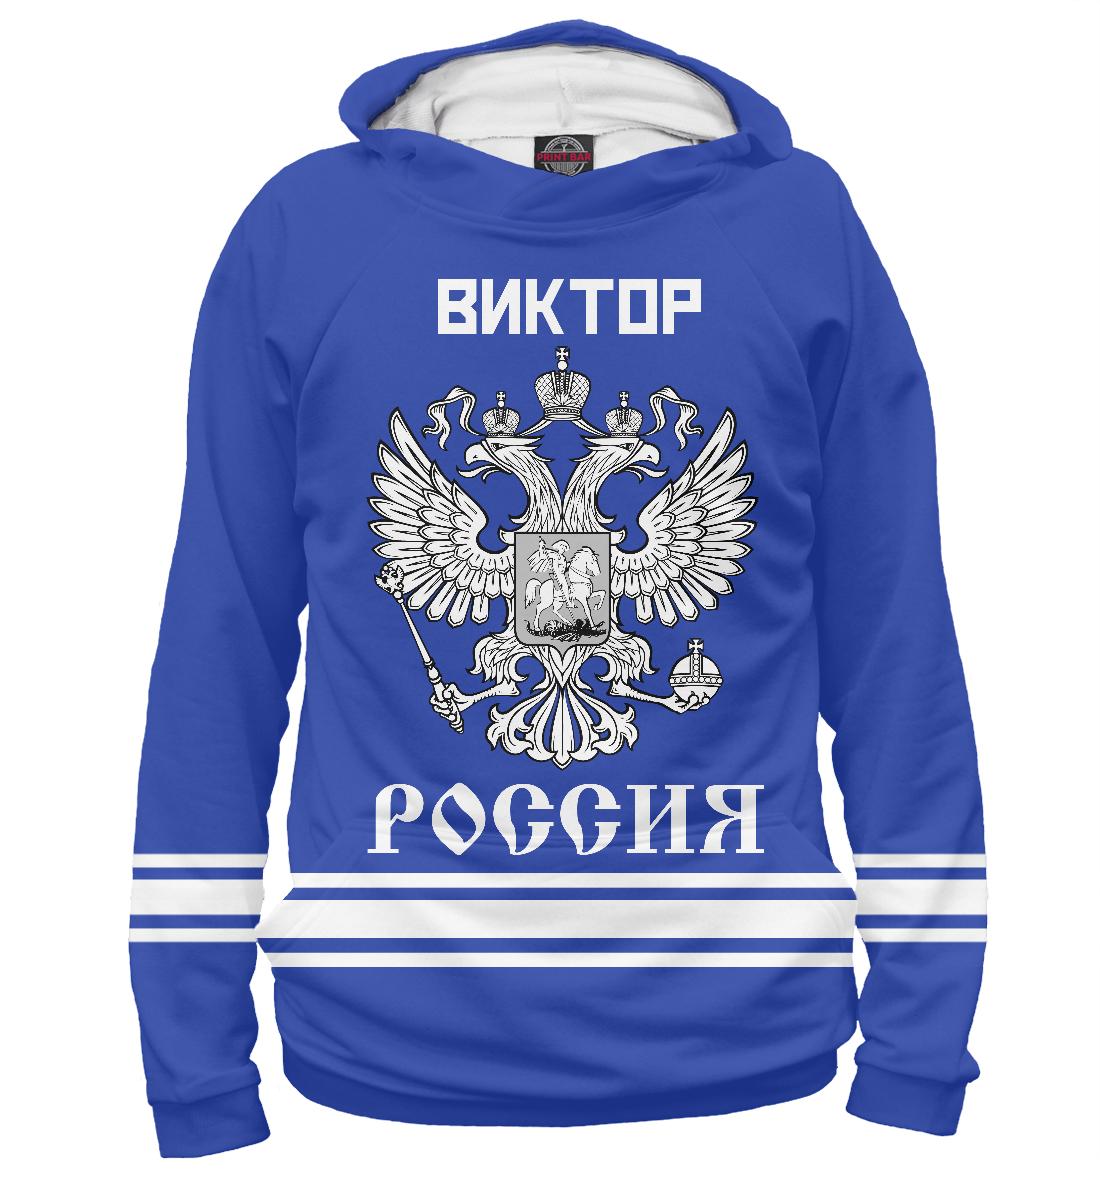 Купить ВИКТОР sport russia collection, Printbar, Худи, VKT-521173-hud-1